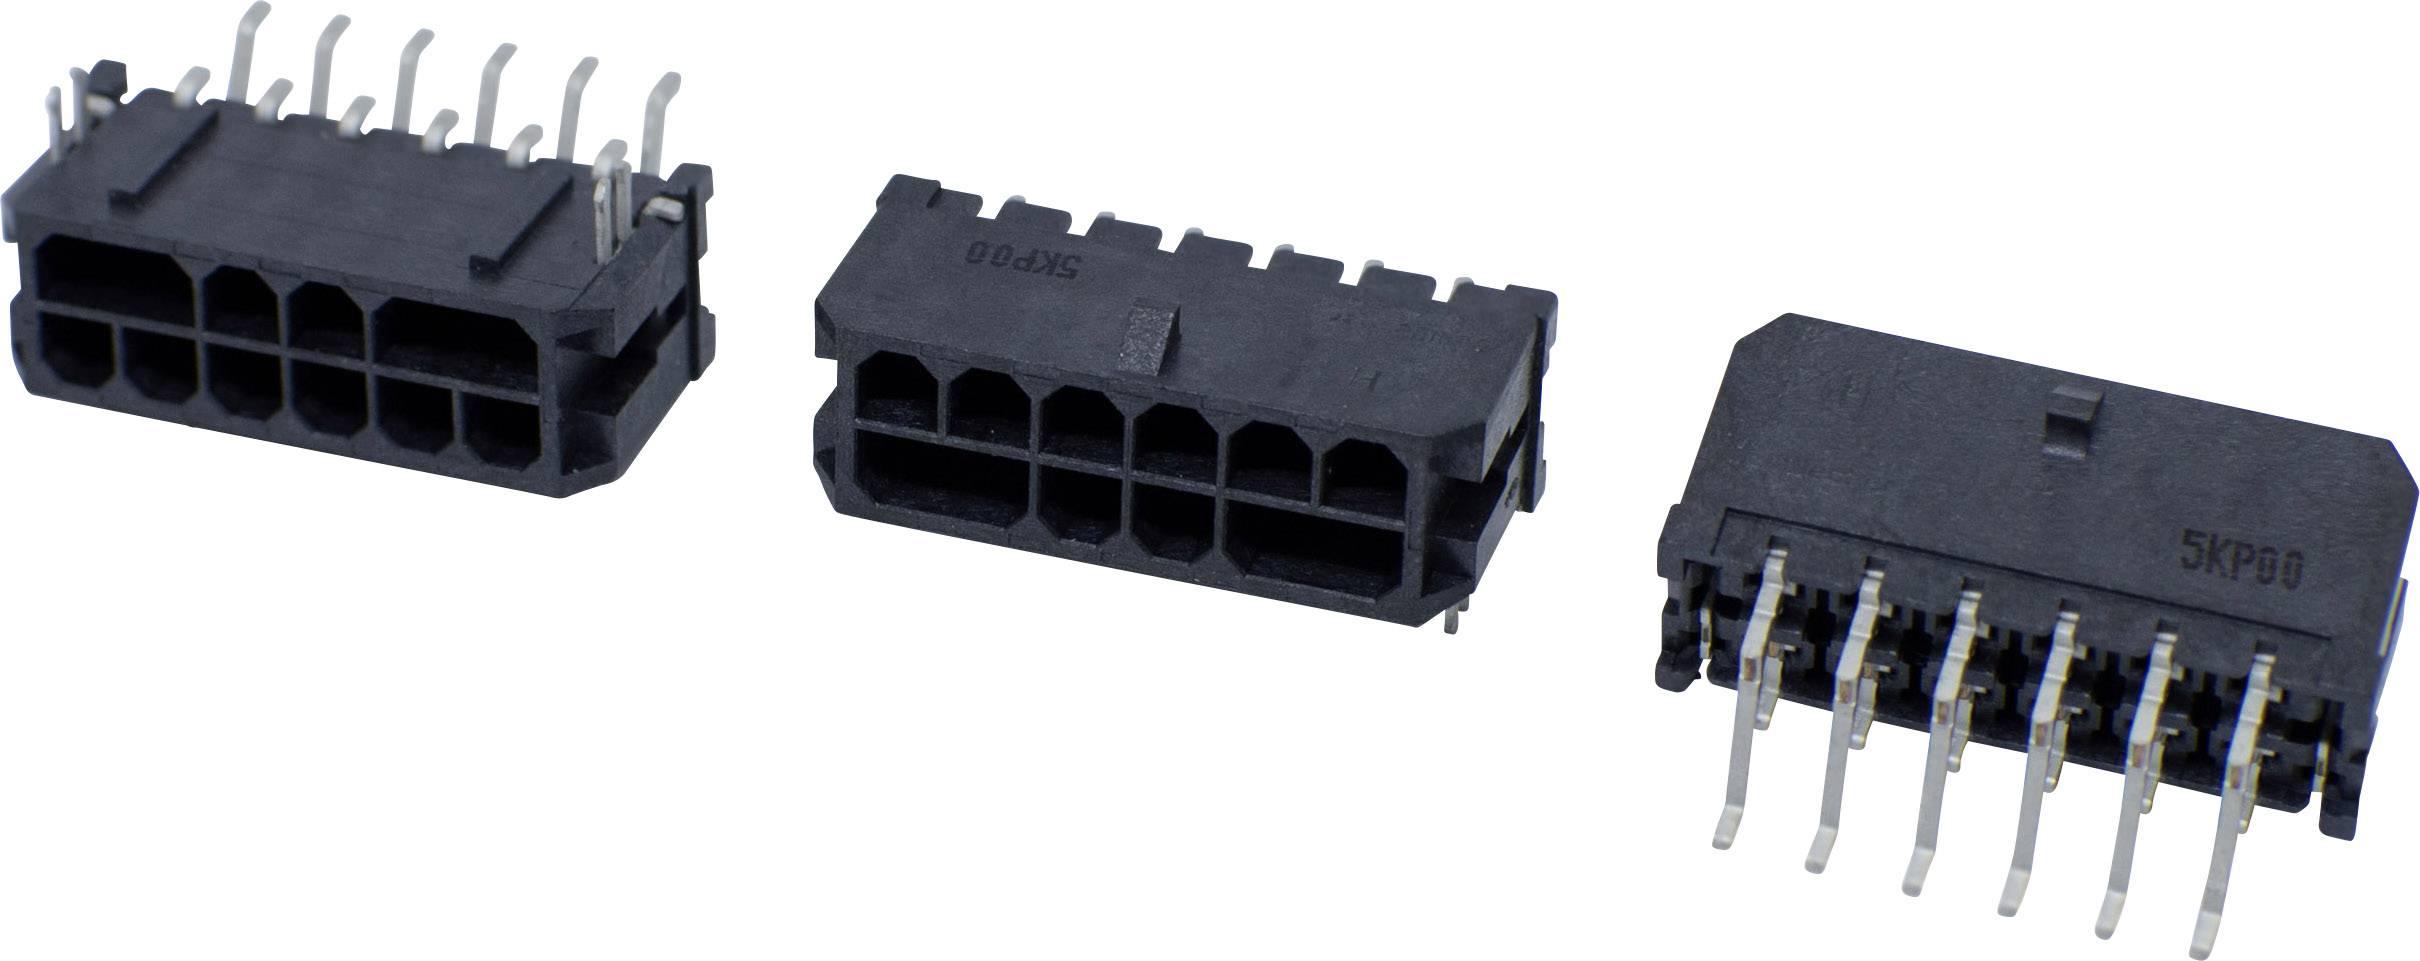 Pinová lišta (štandardná) BellWether 70096-1408, pólů 14, rozteč 3 mm, 1 ks